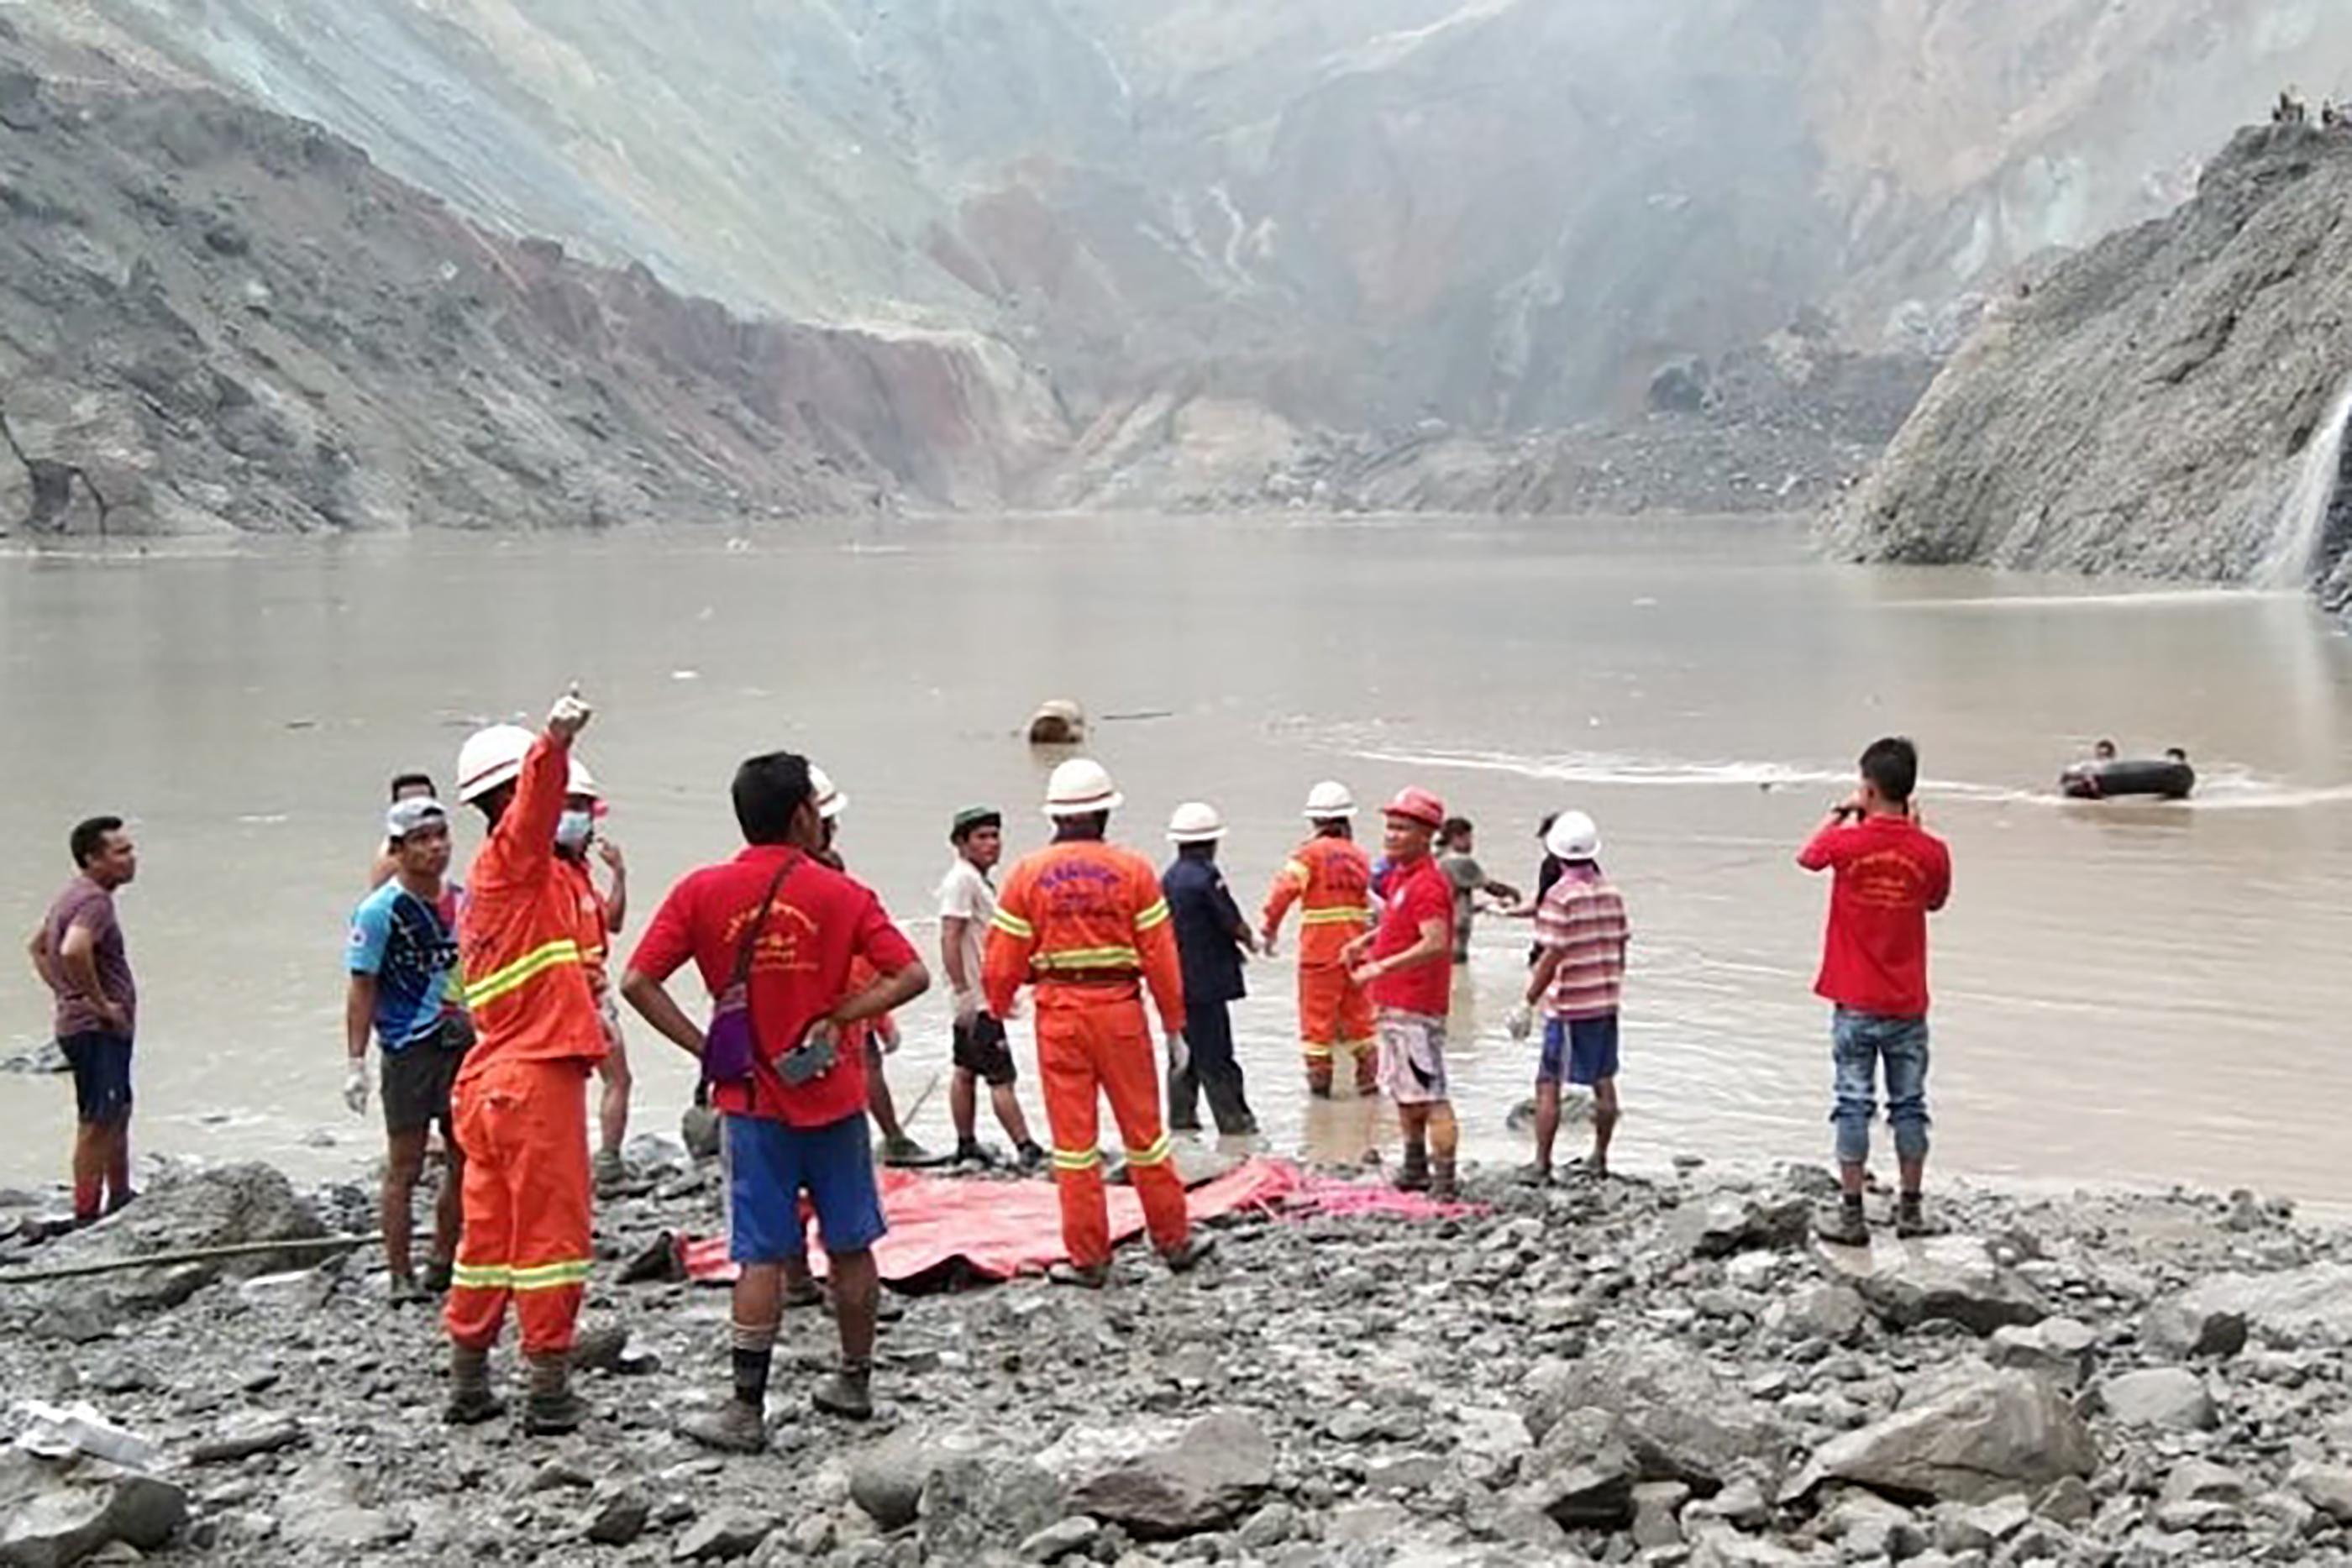 Több mint százan haltak meg egy jádebányánál történt földcsuszamlásban Mianmarban